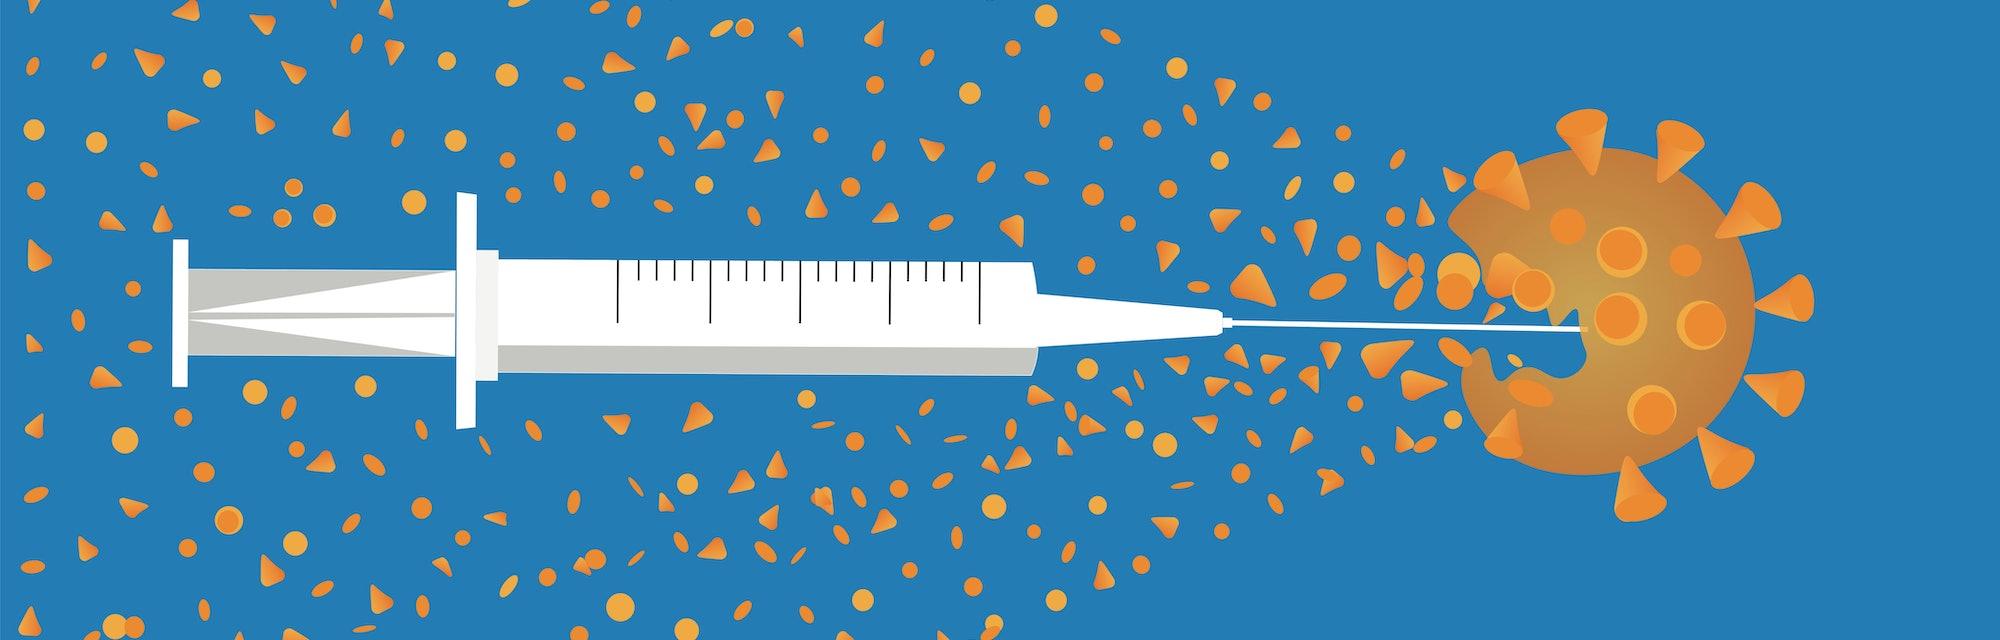 Covid-19 vaccine illustration concept.